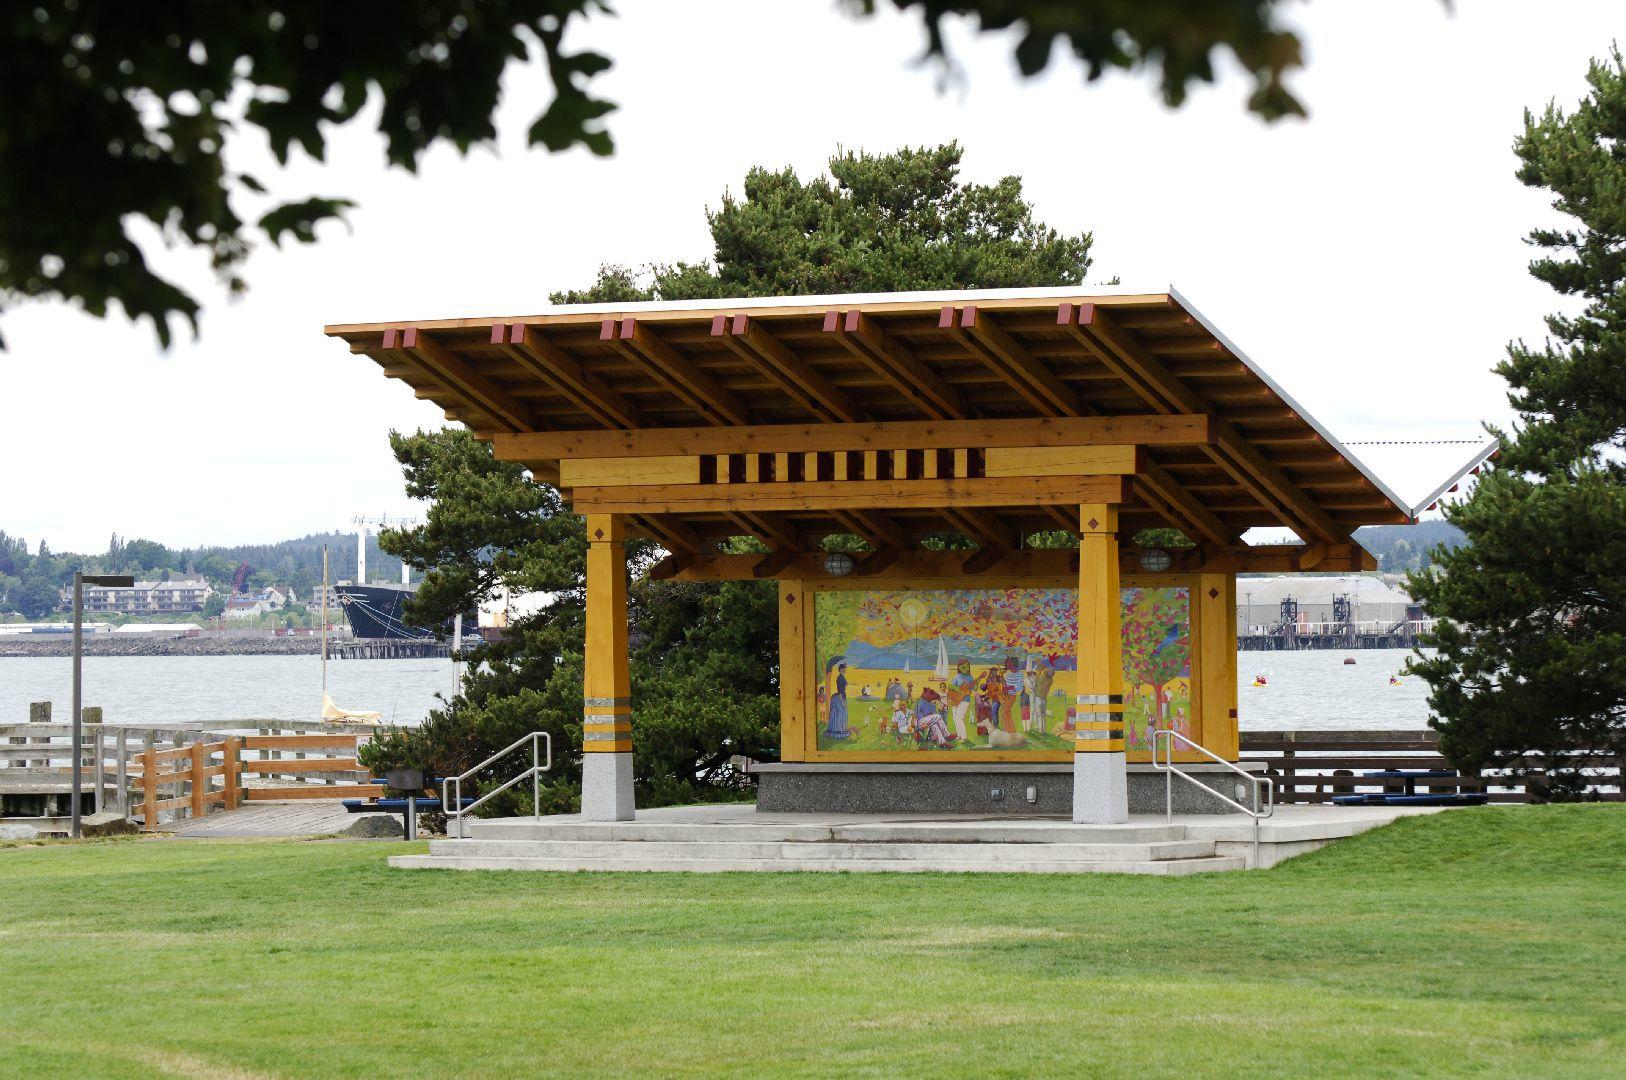 Bellingham Timber Frame Pavilion